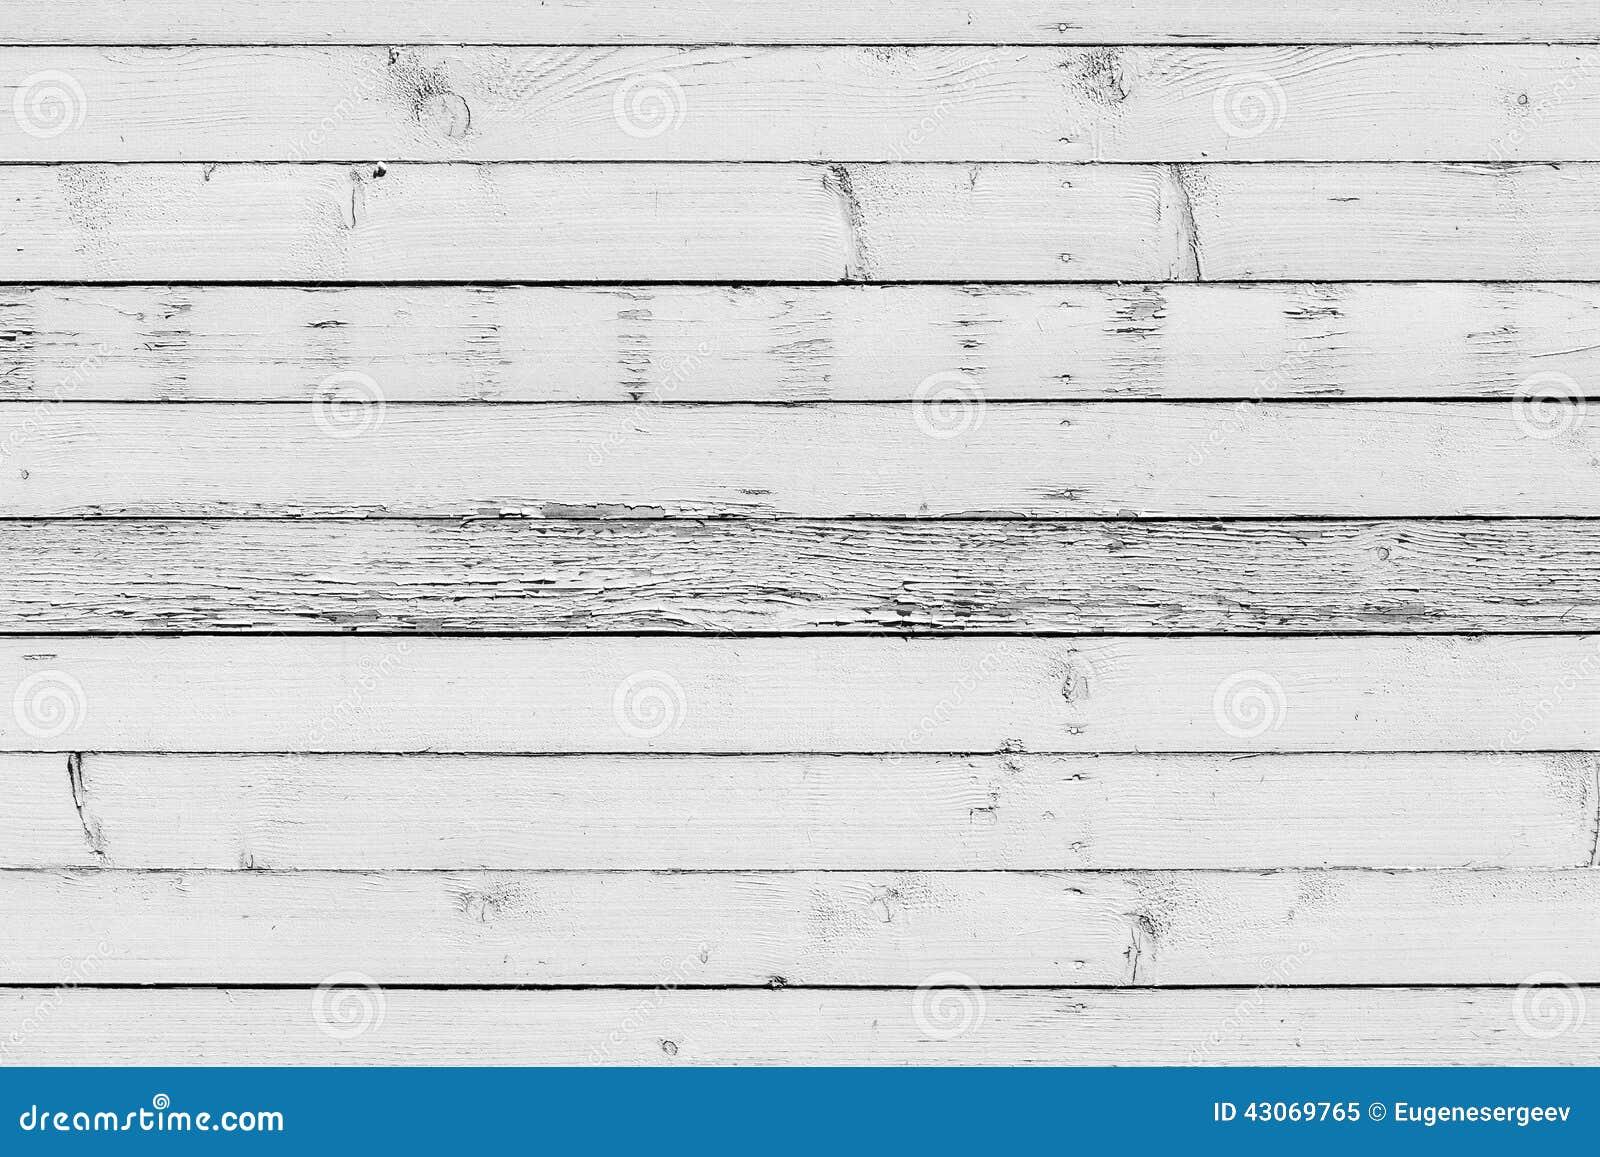 vieux mur en bois blanc texture de fond image stock image 43069765. Black Bedroom Furniture Sets. Home Design Ideas